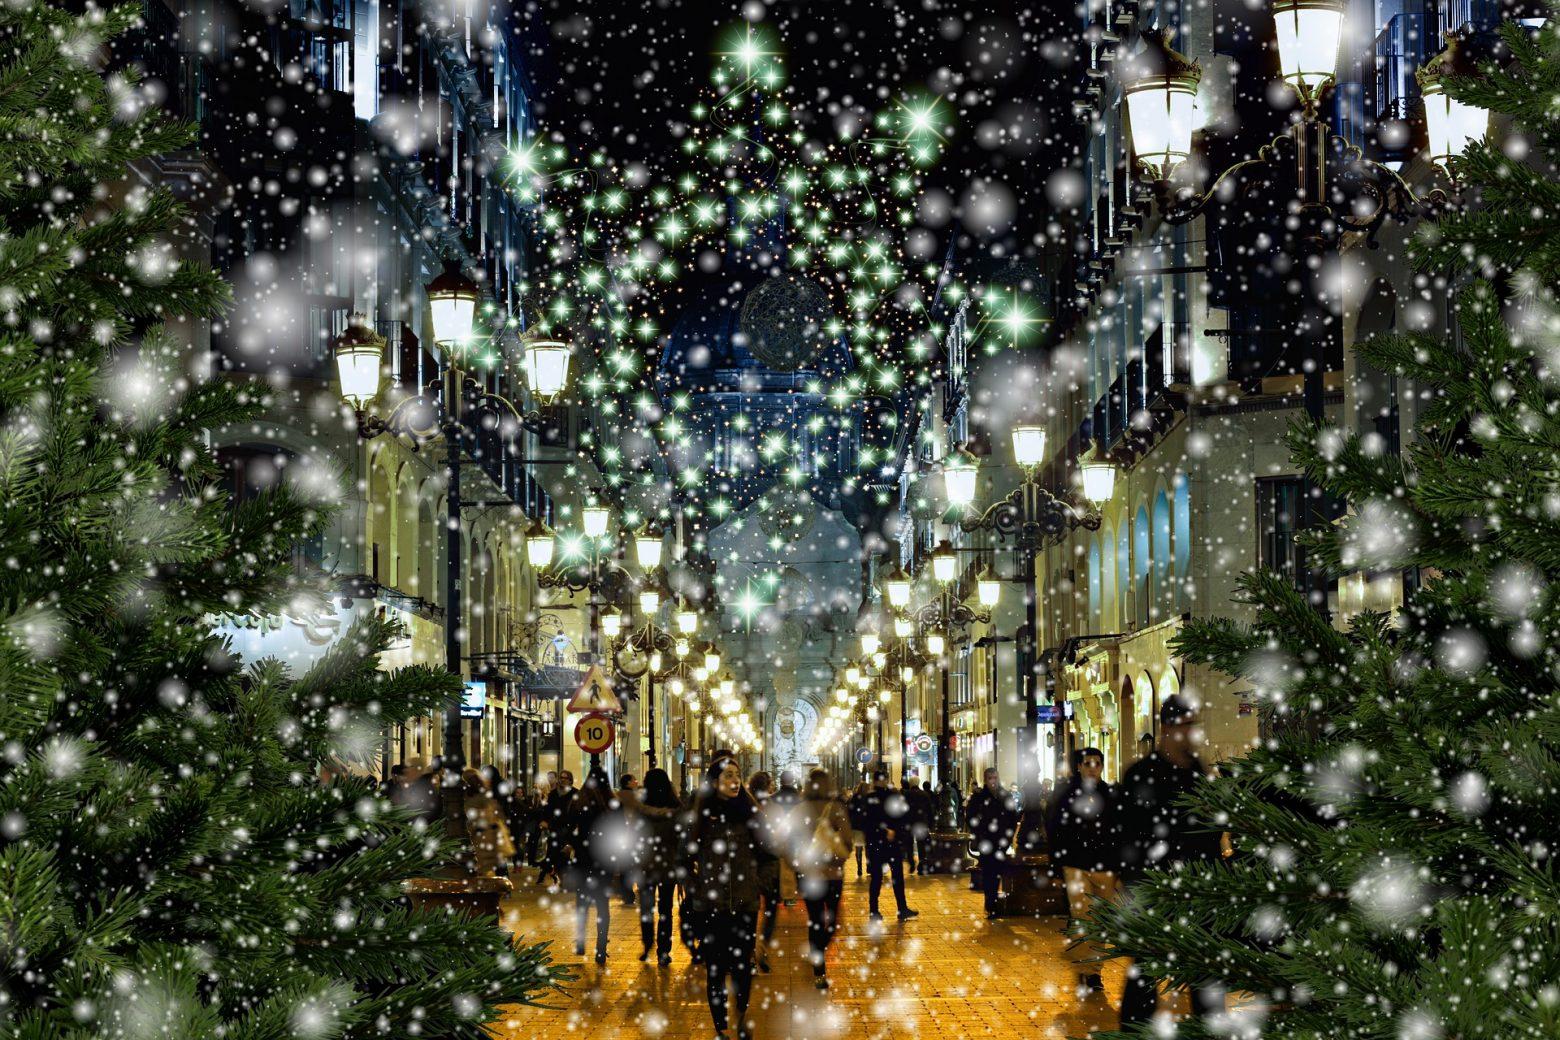 noel hiver christmas 3881127 1920 - Le pouvoir d'être reconnaissant : 5 conseils essentiels